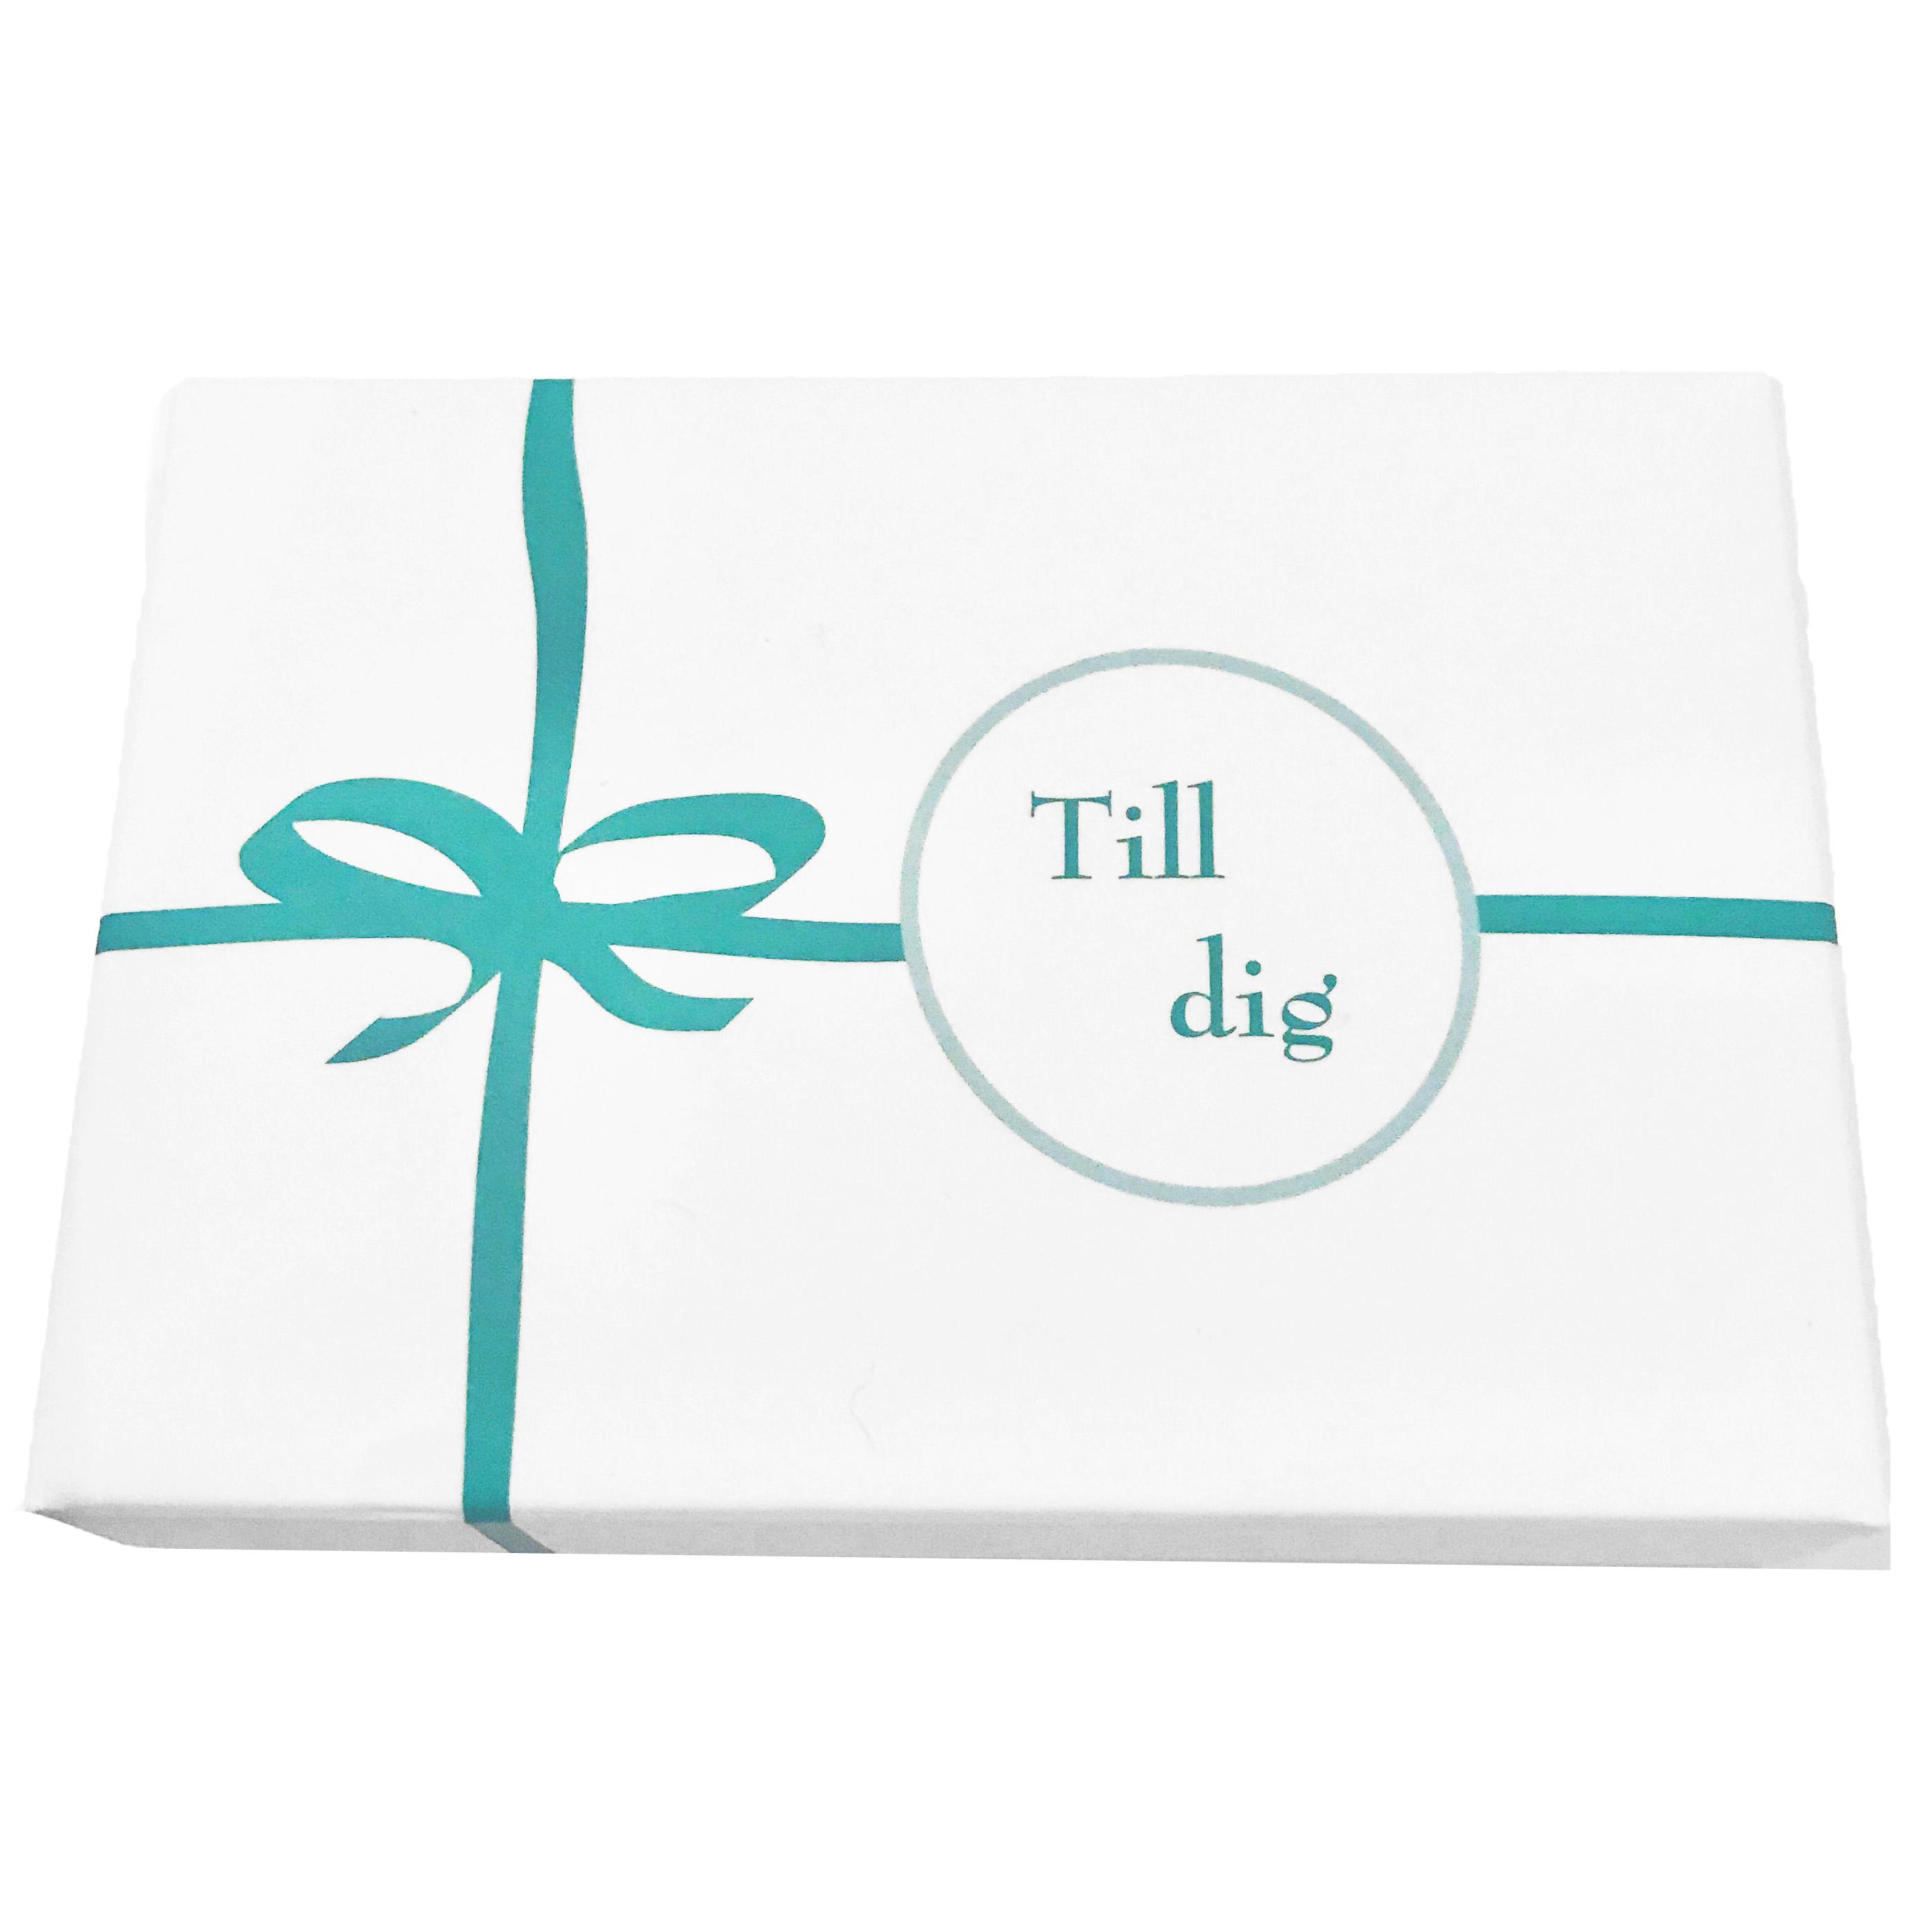 Till Dig - Presentask för att visa uppskattning • Pryloteket